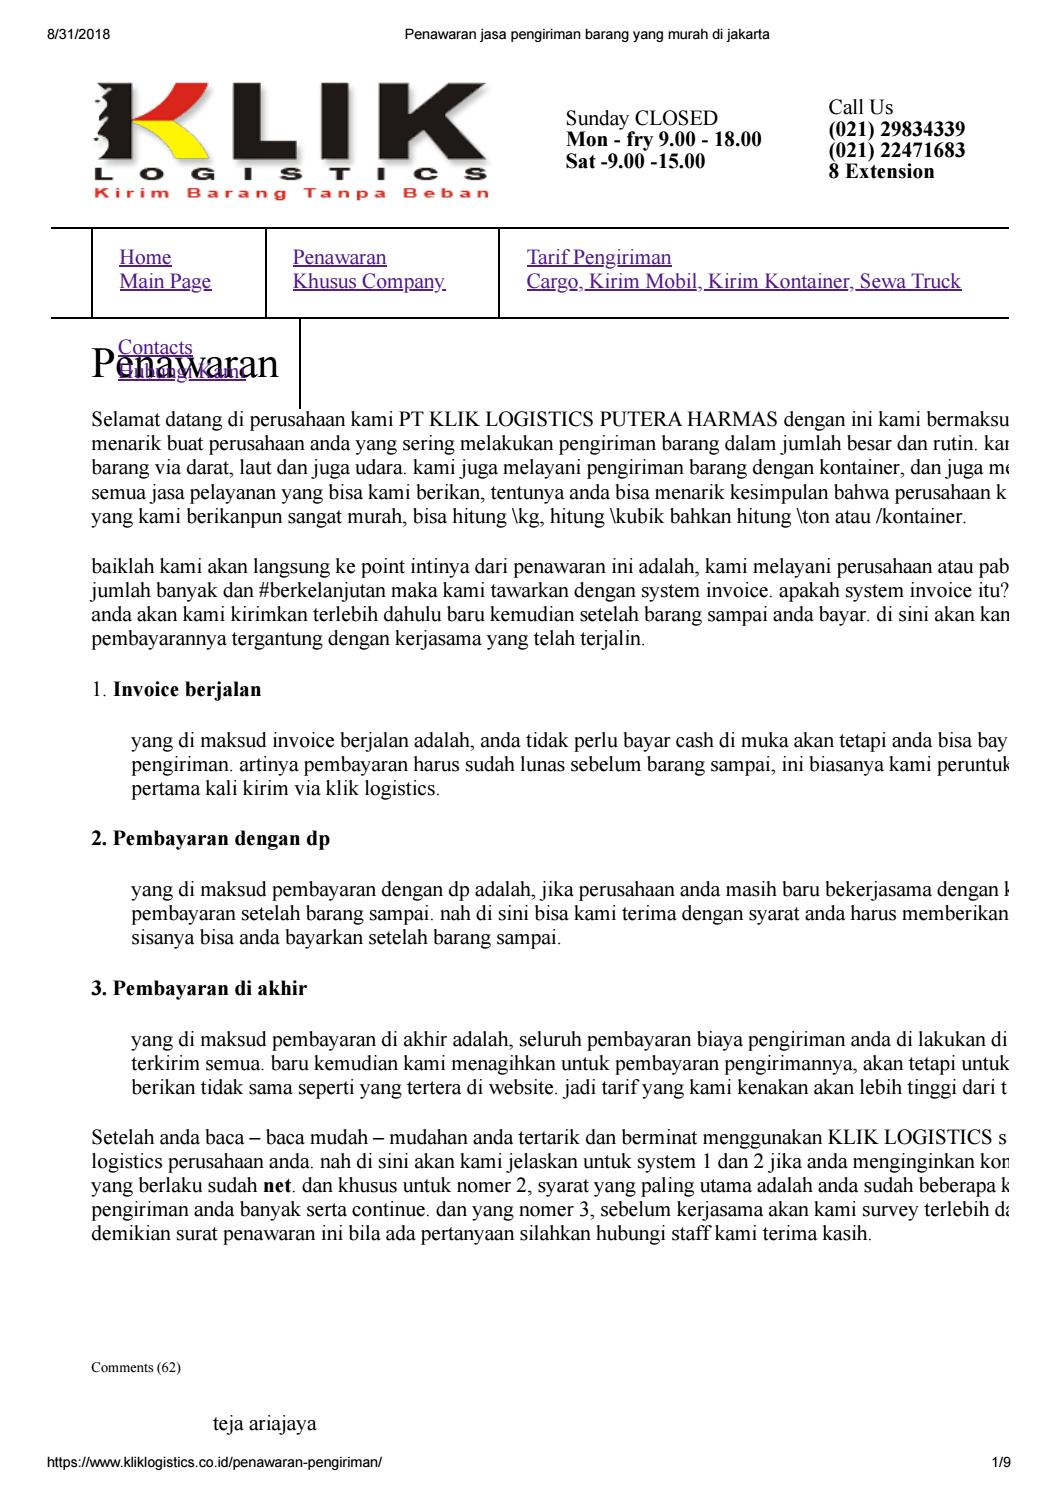 Penawaran Jasa Pengiriman Barang Yang Murah Di Jakarta By Klik Logistics Jasa Cargo Murah Jakarta Issuu